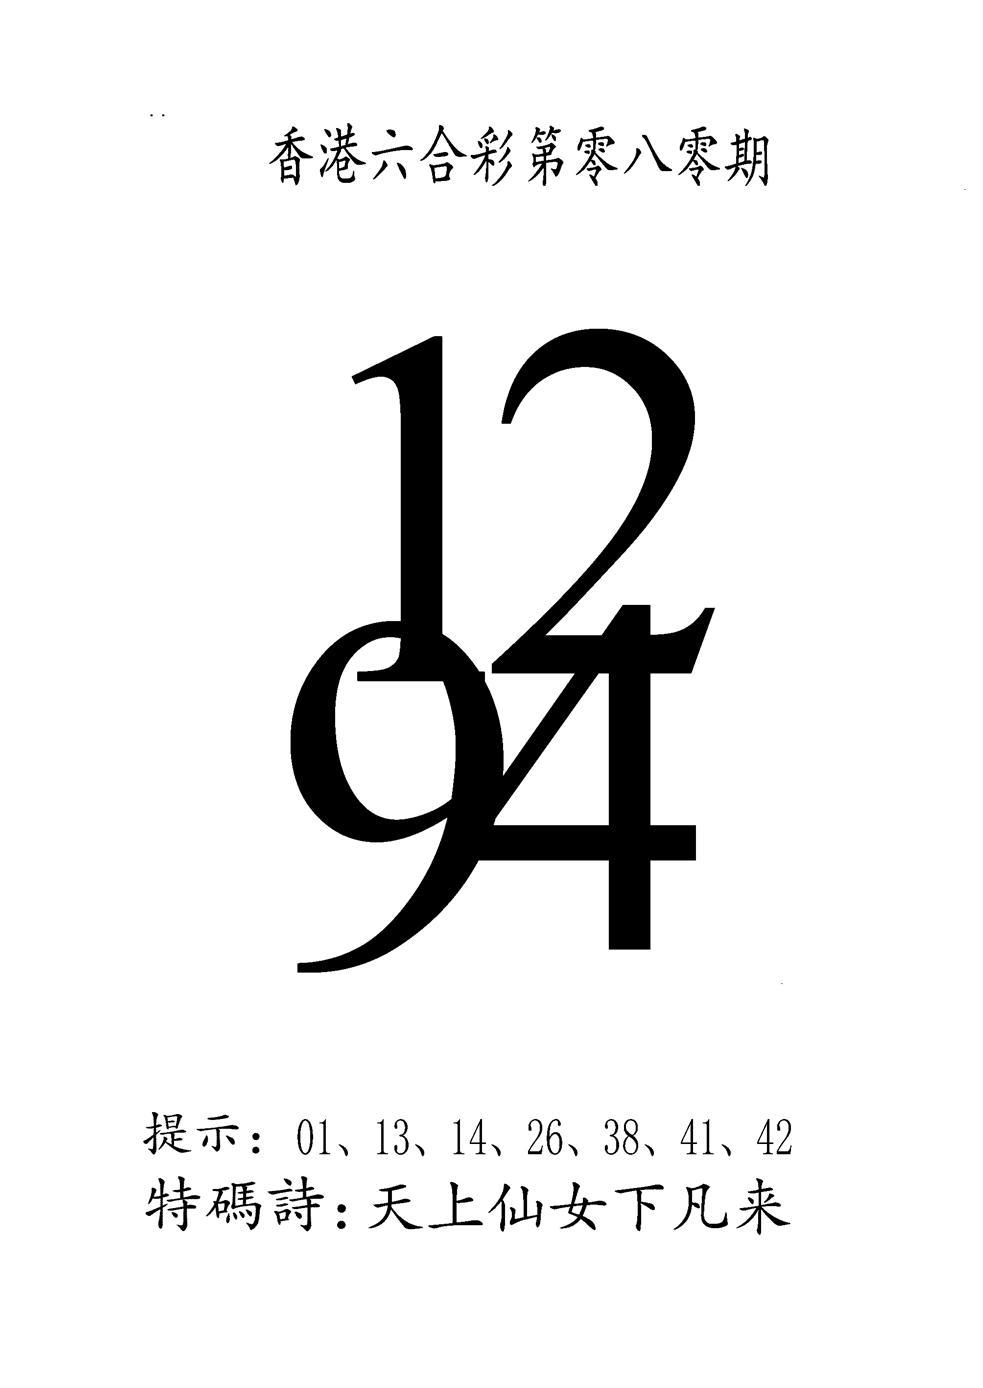 080期澳门三合王B(黑白)